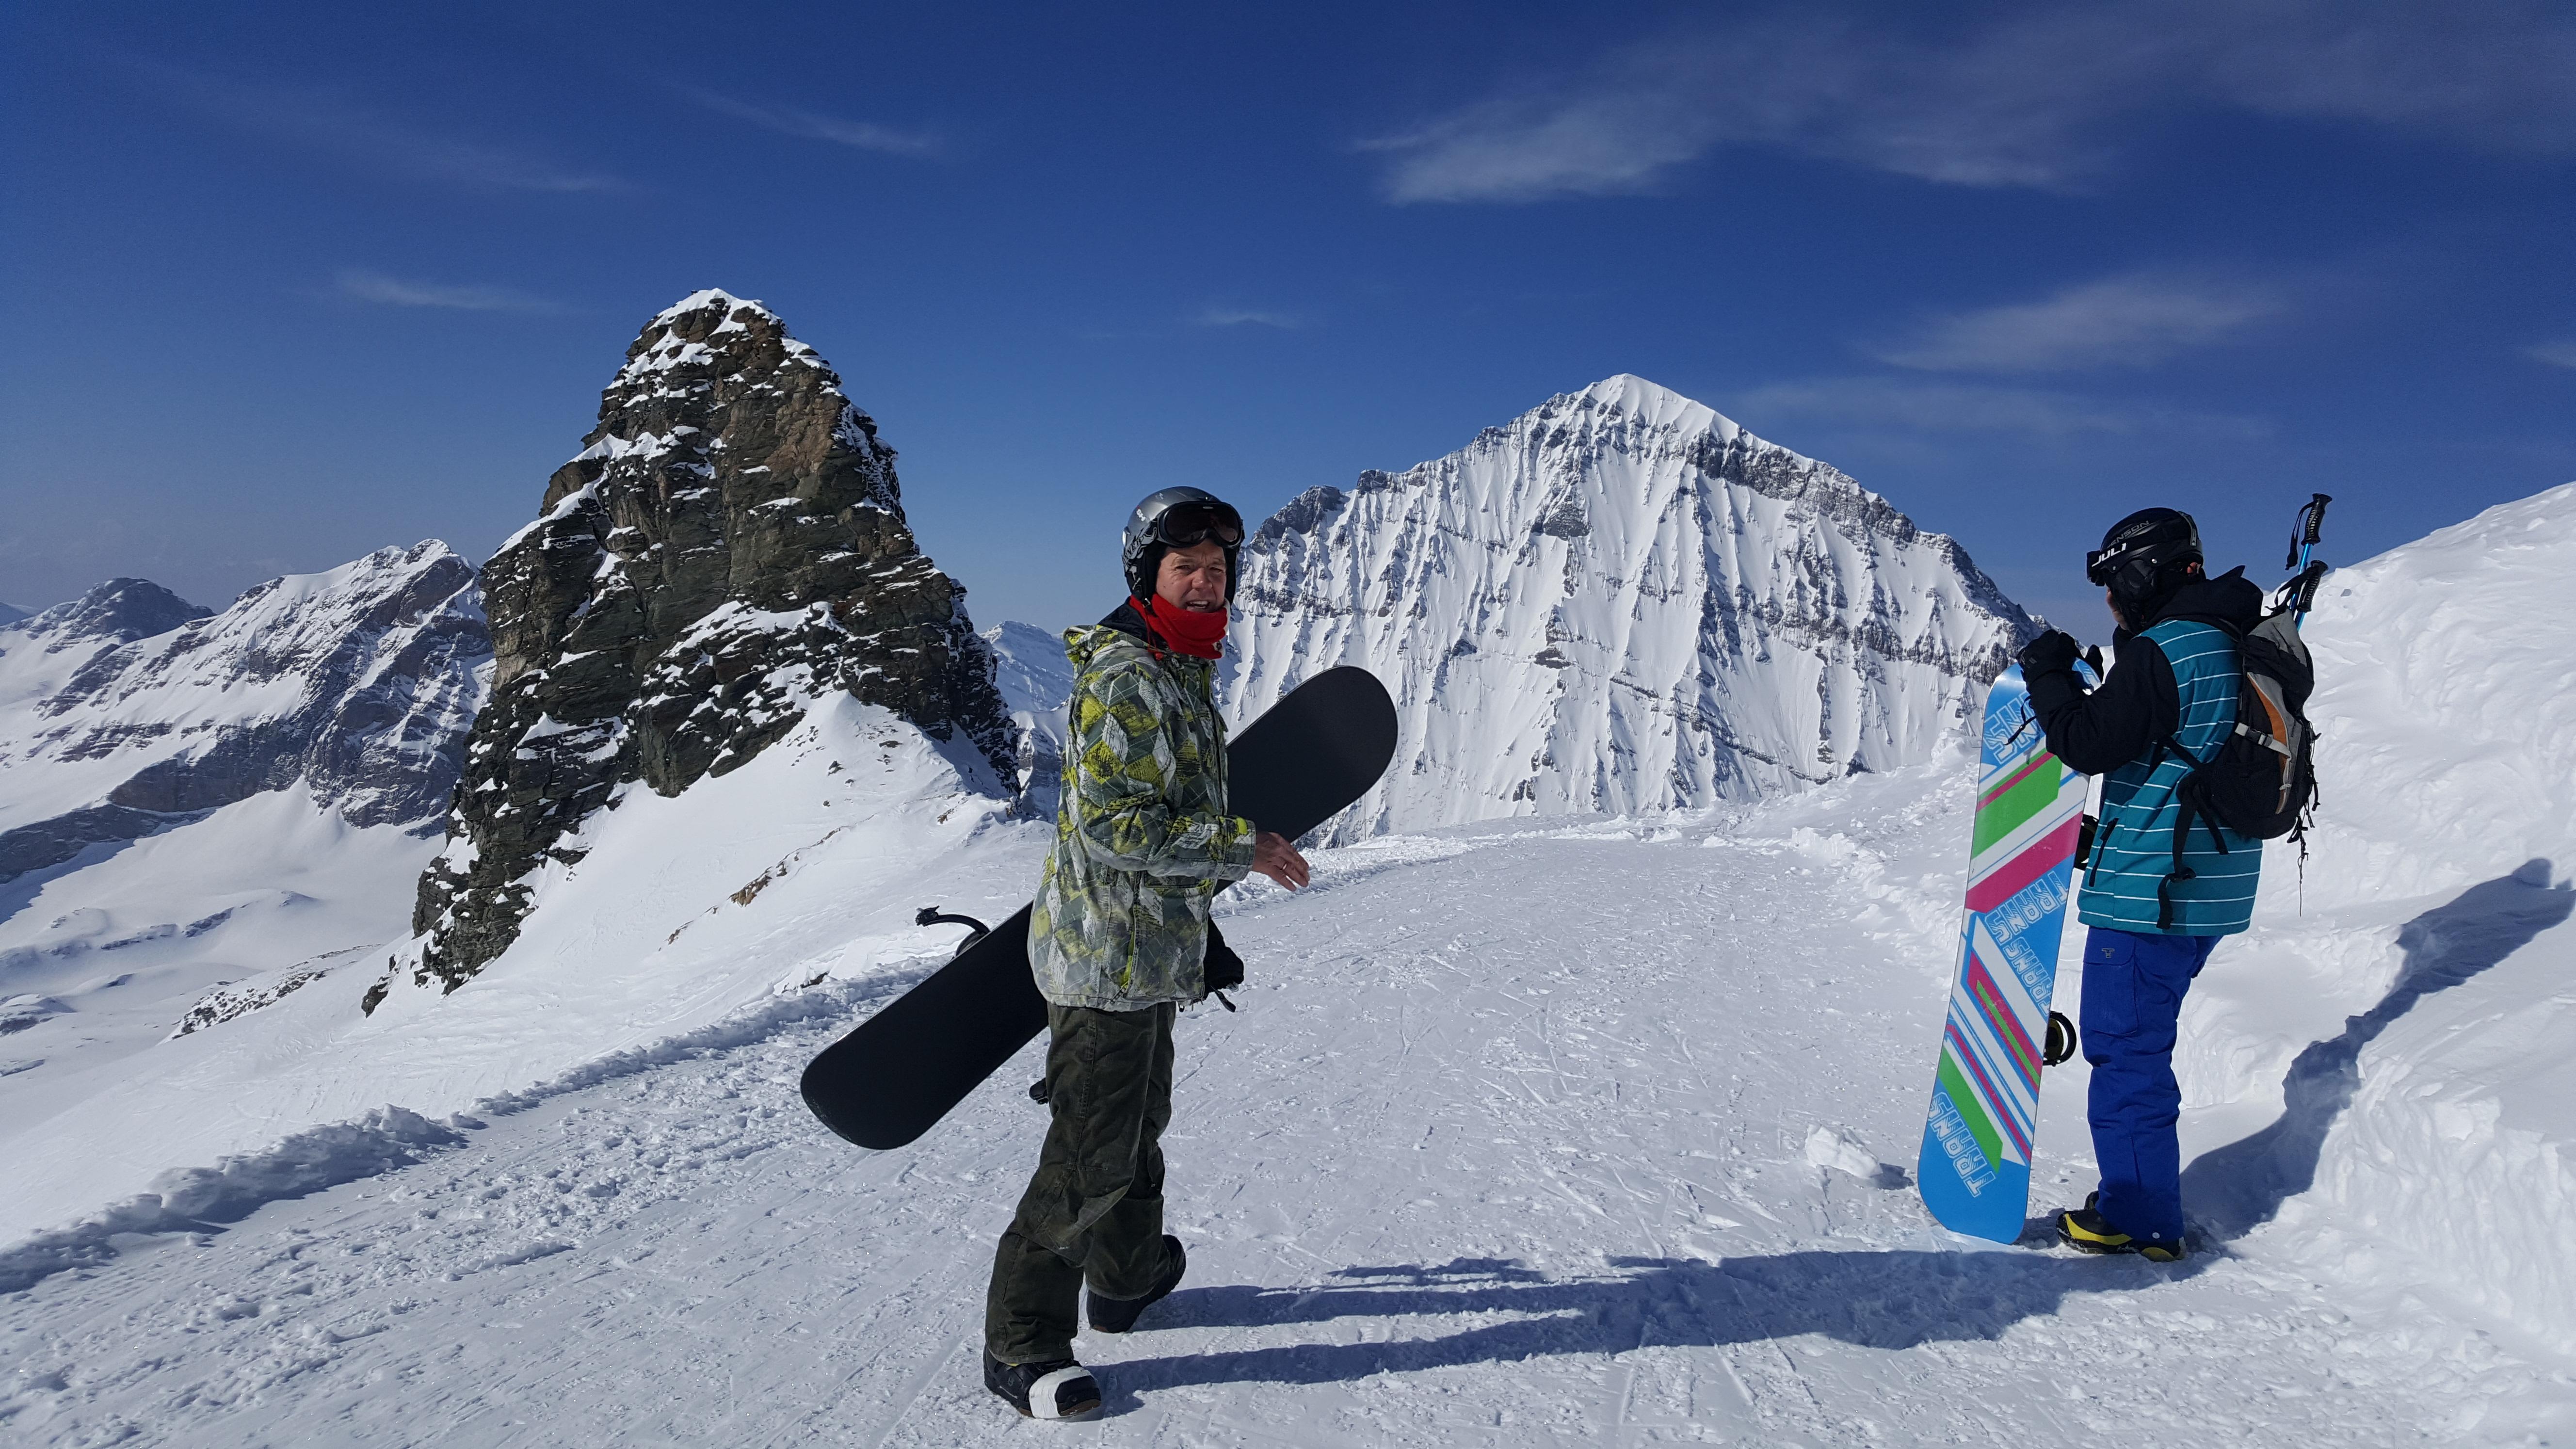 Zustieg Lötschenpasshütte Winter Snowboarder